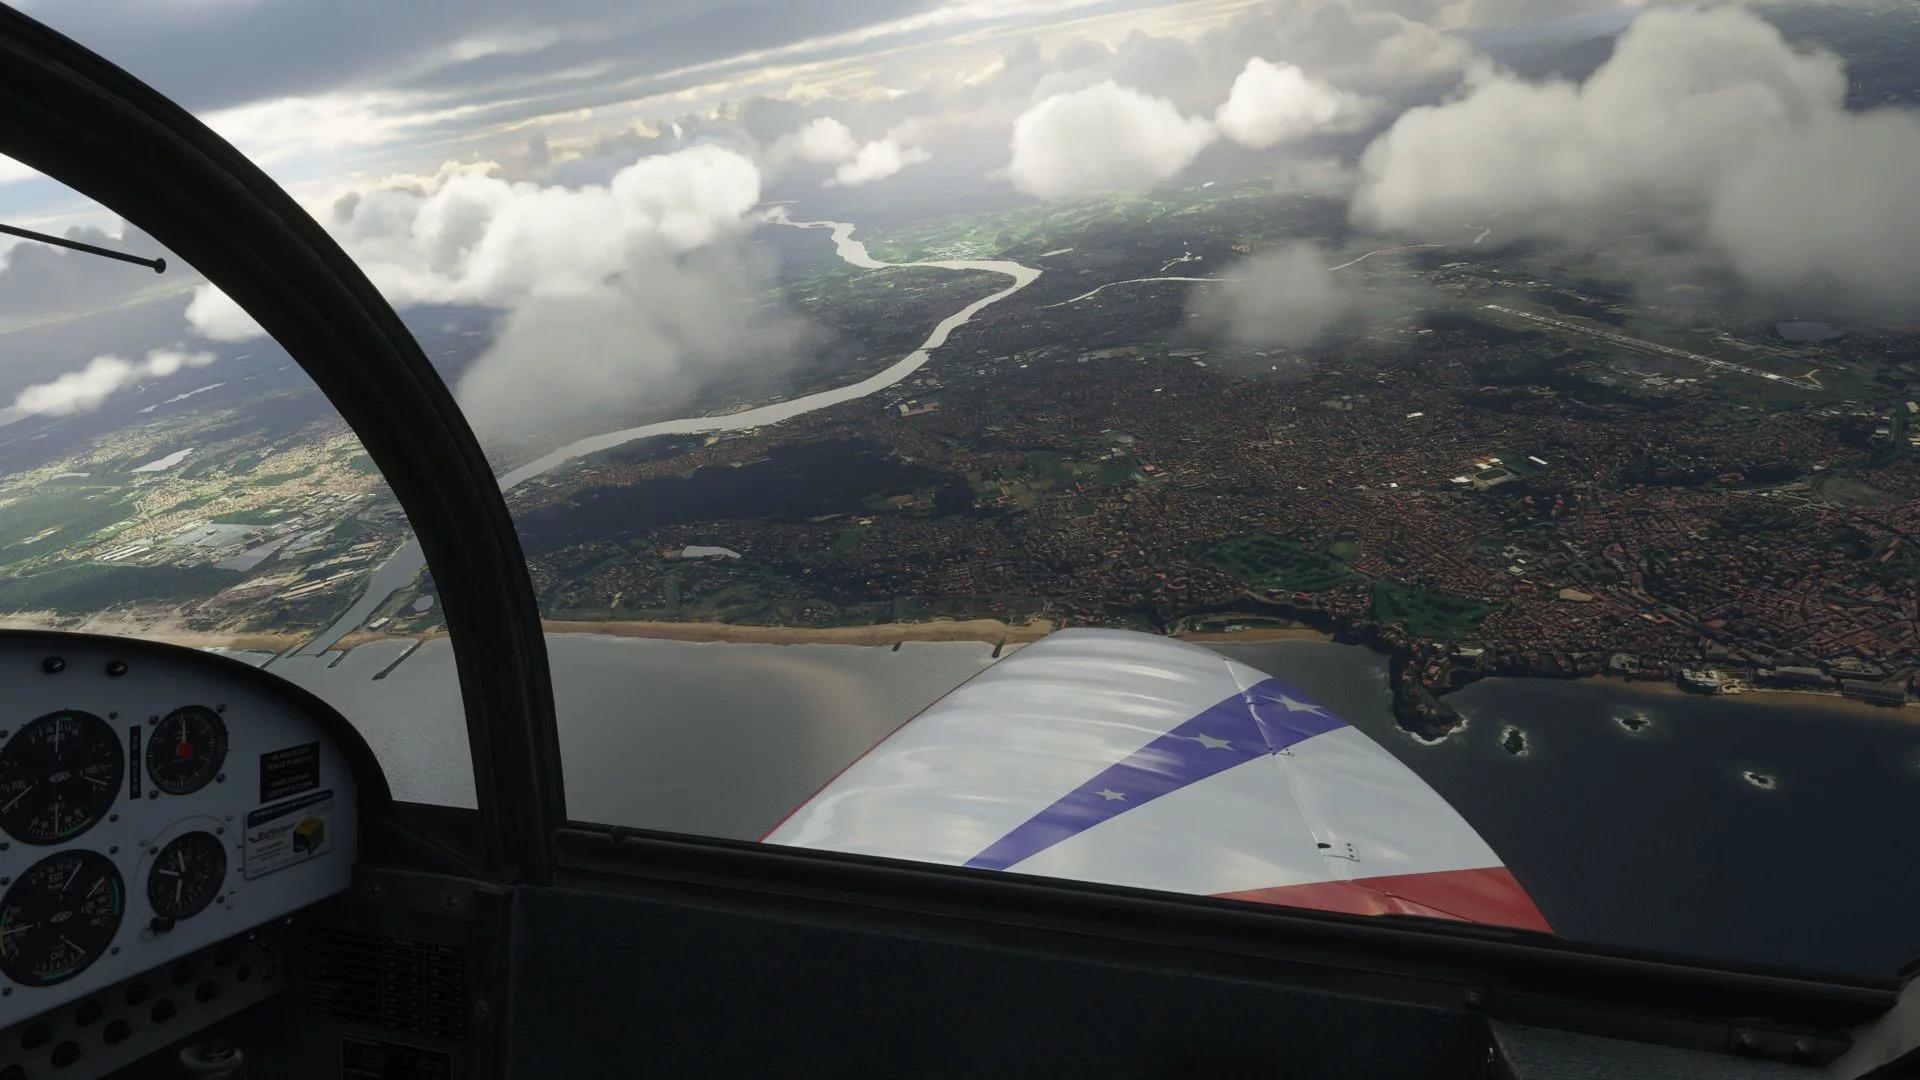 《微软飞行模拟》新截图太美了 蓝天白云驾机翱翔